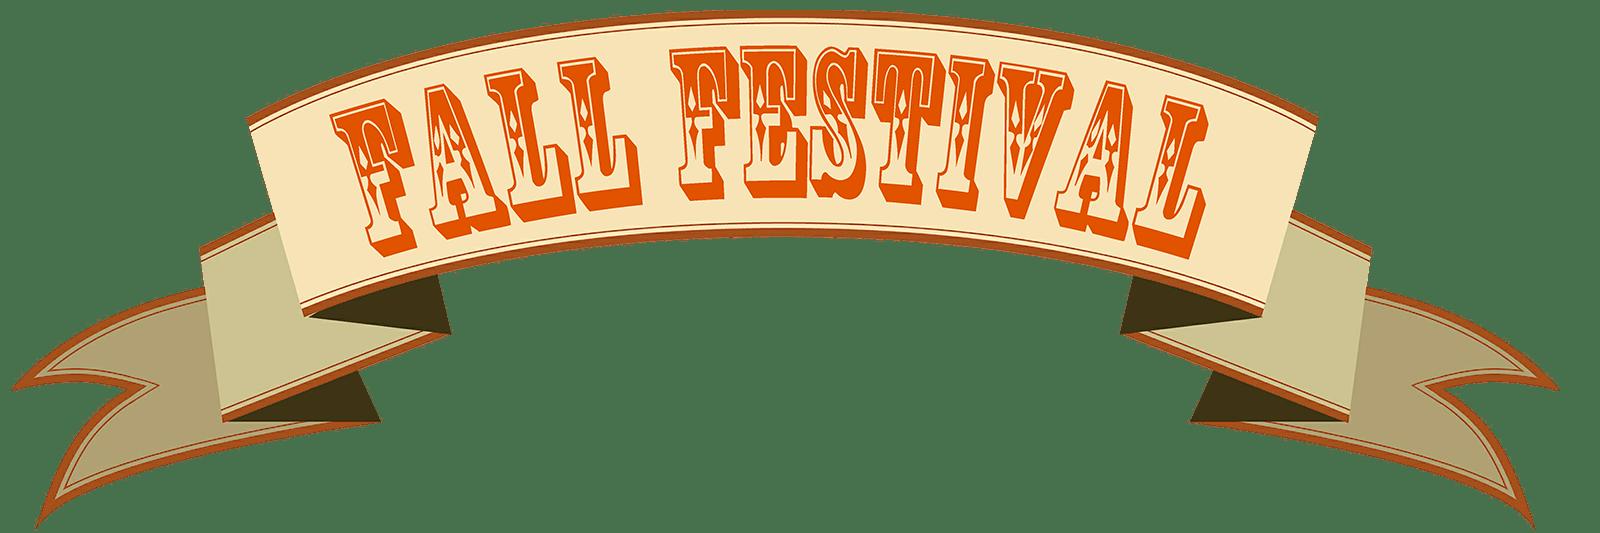 festival clipart festival banner